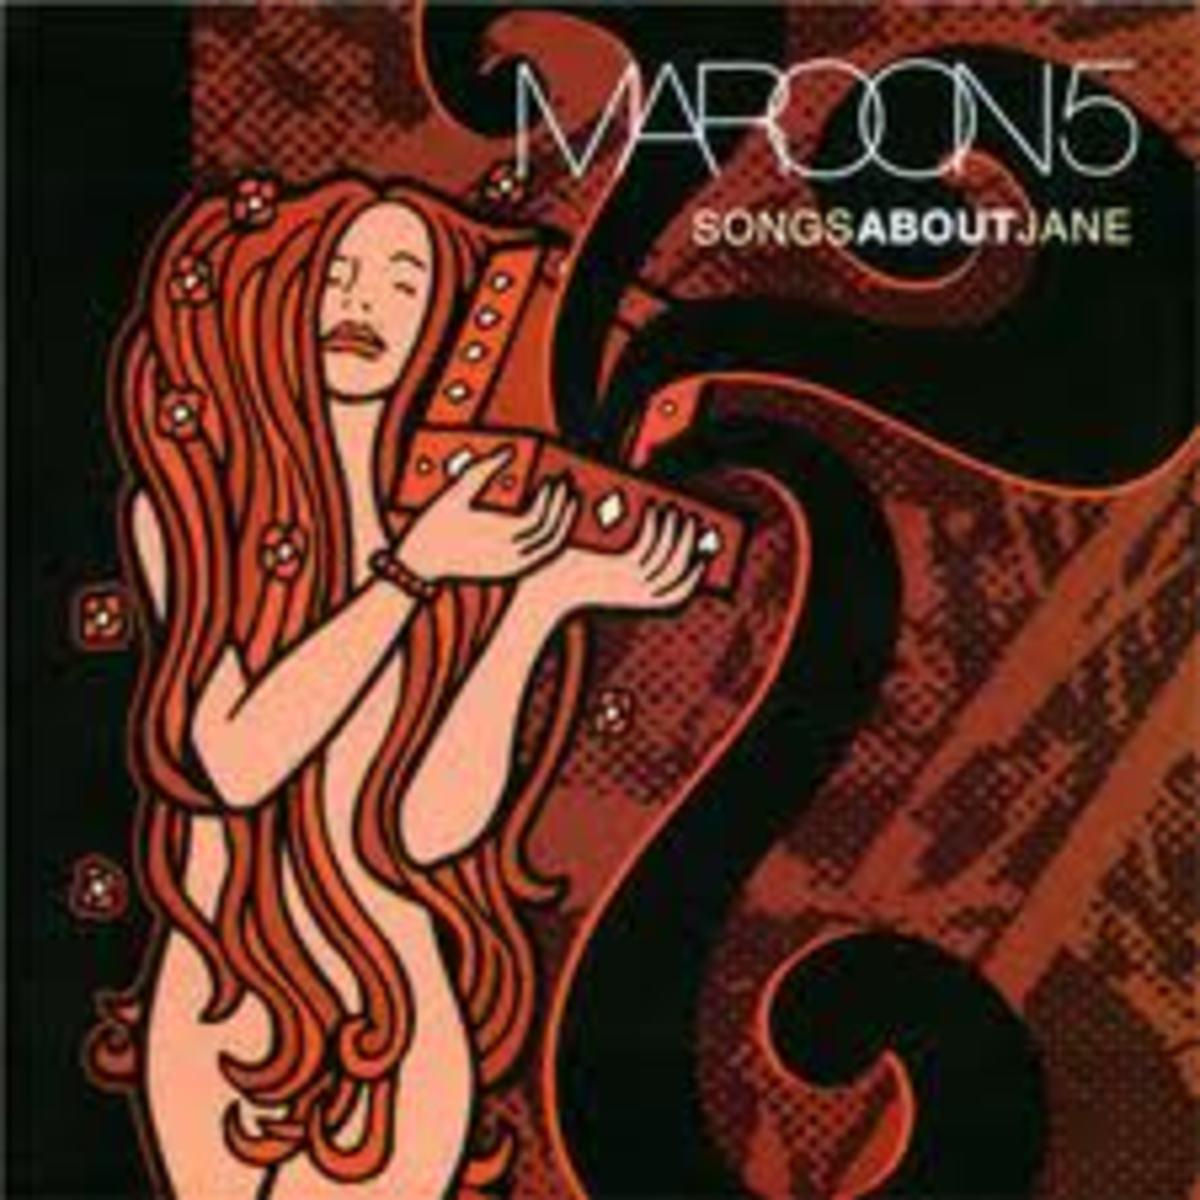 """""""Secret"""" by Marroon 5"""